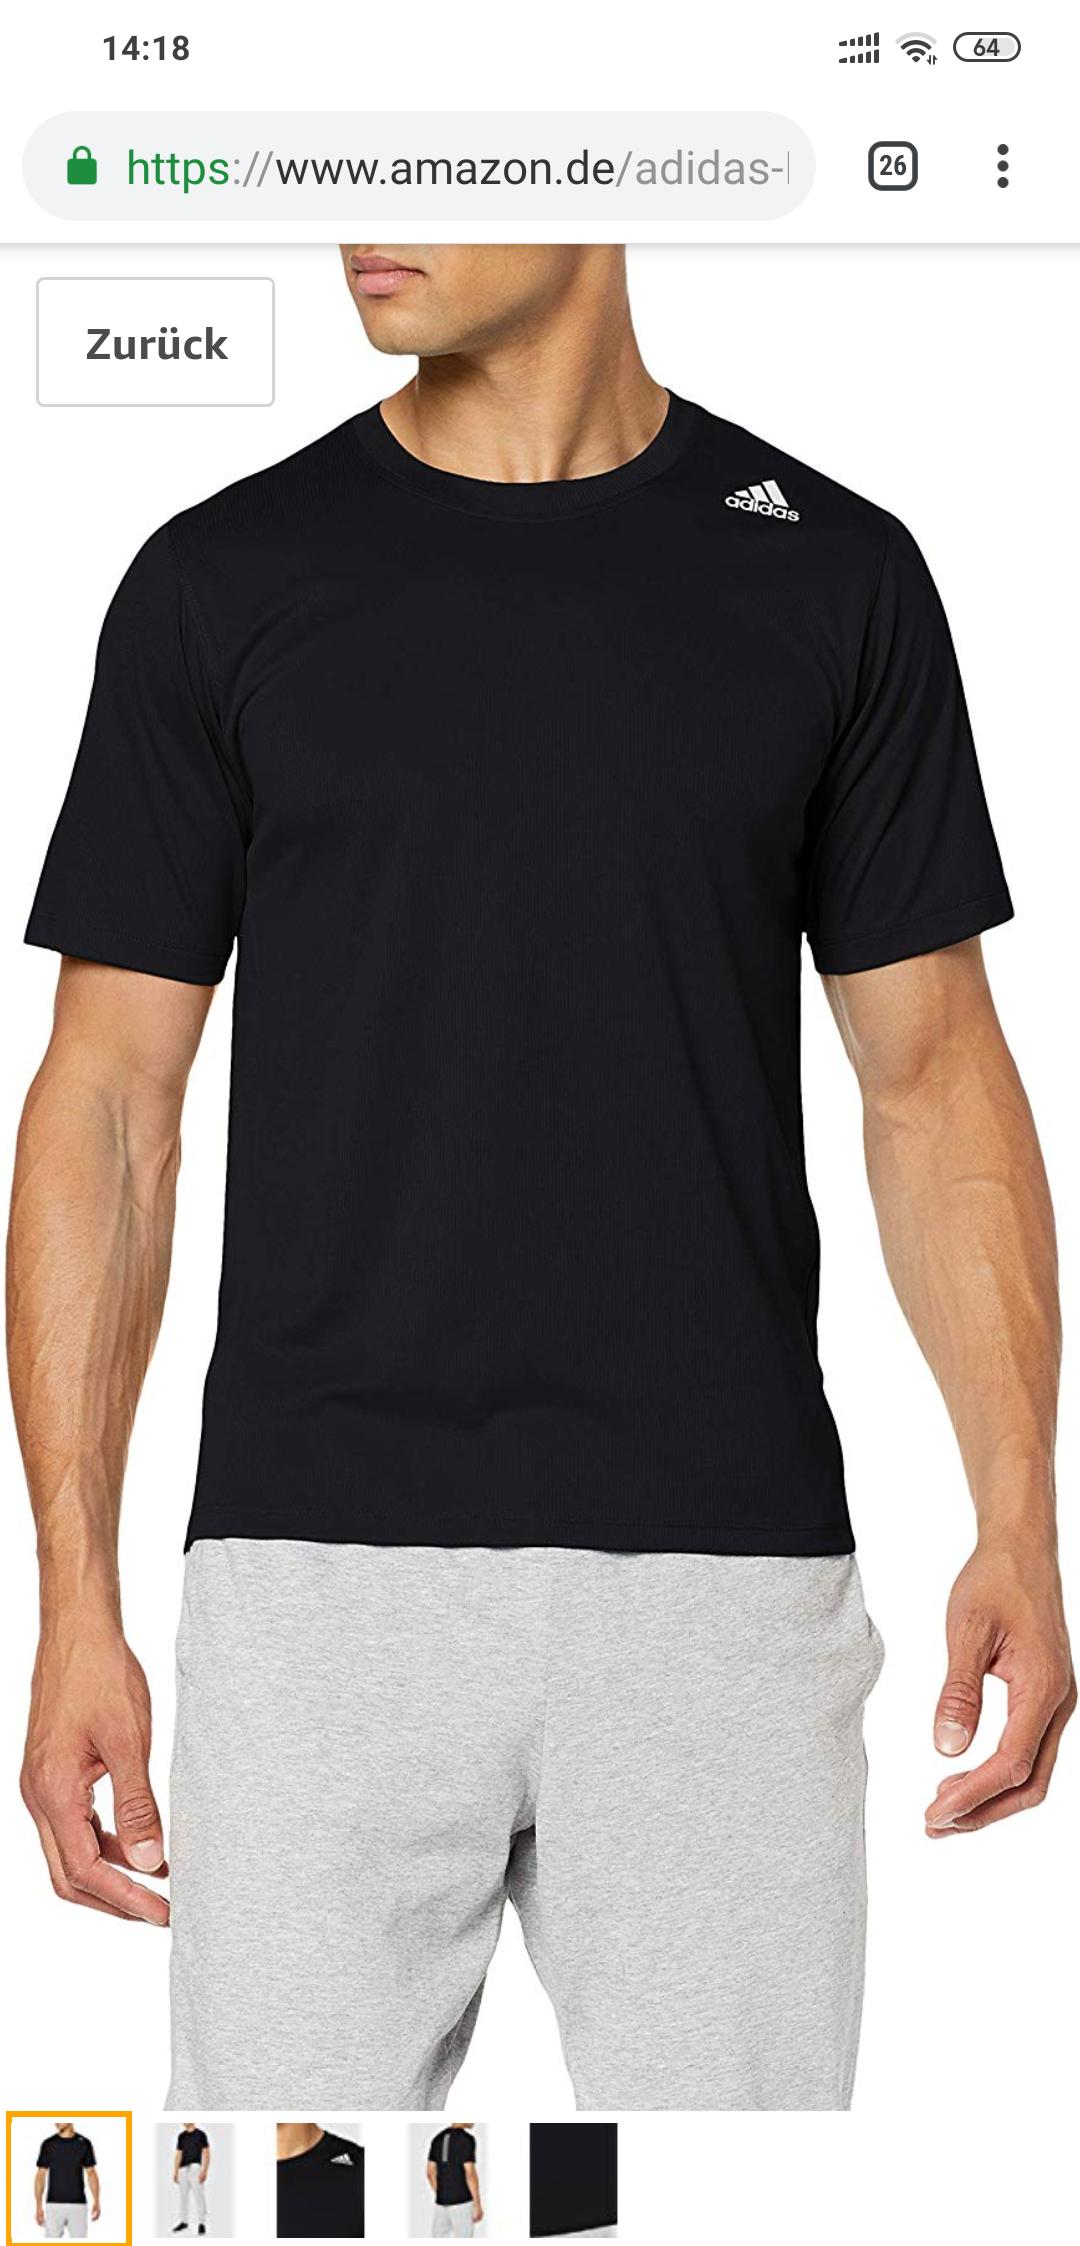 [Prime Day] Adidas T-shirt S-XXL (schwarz/grau)